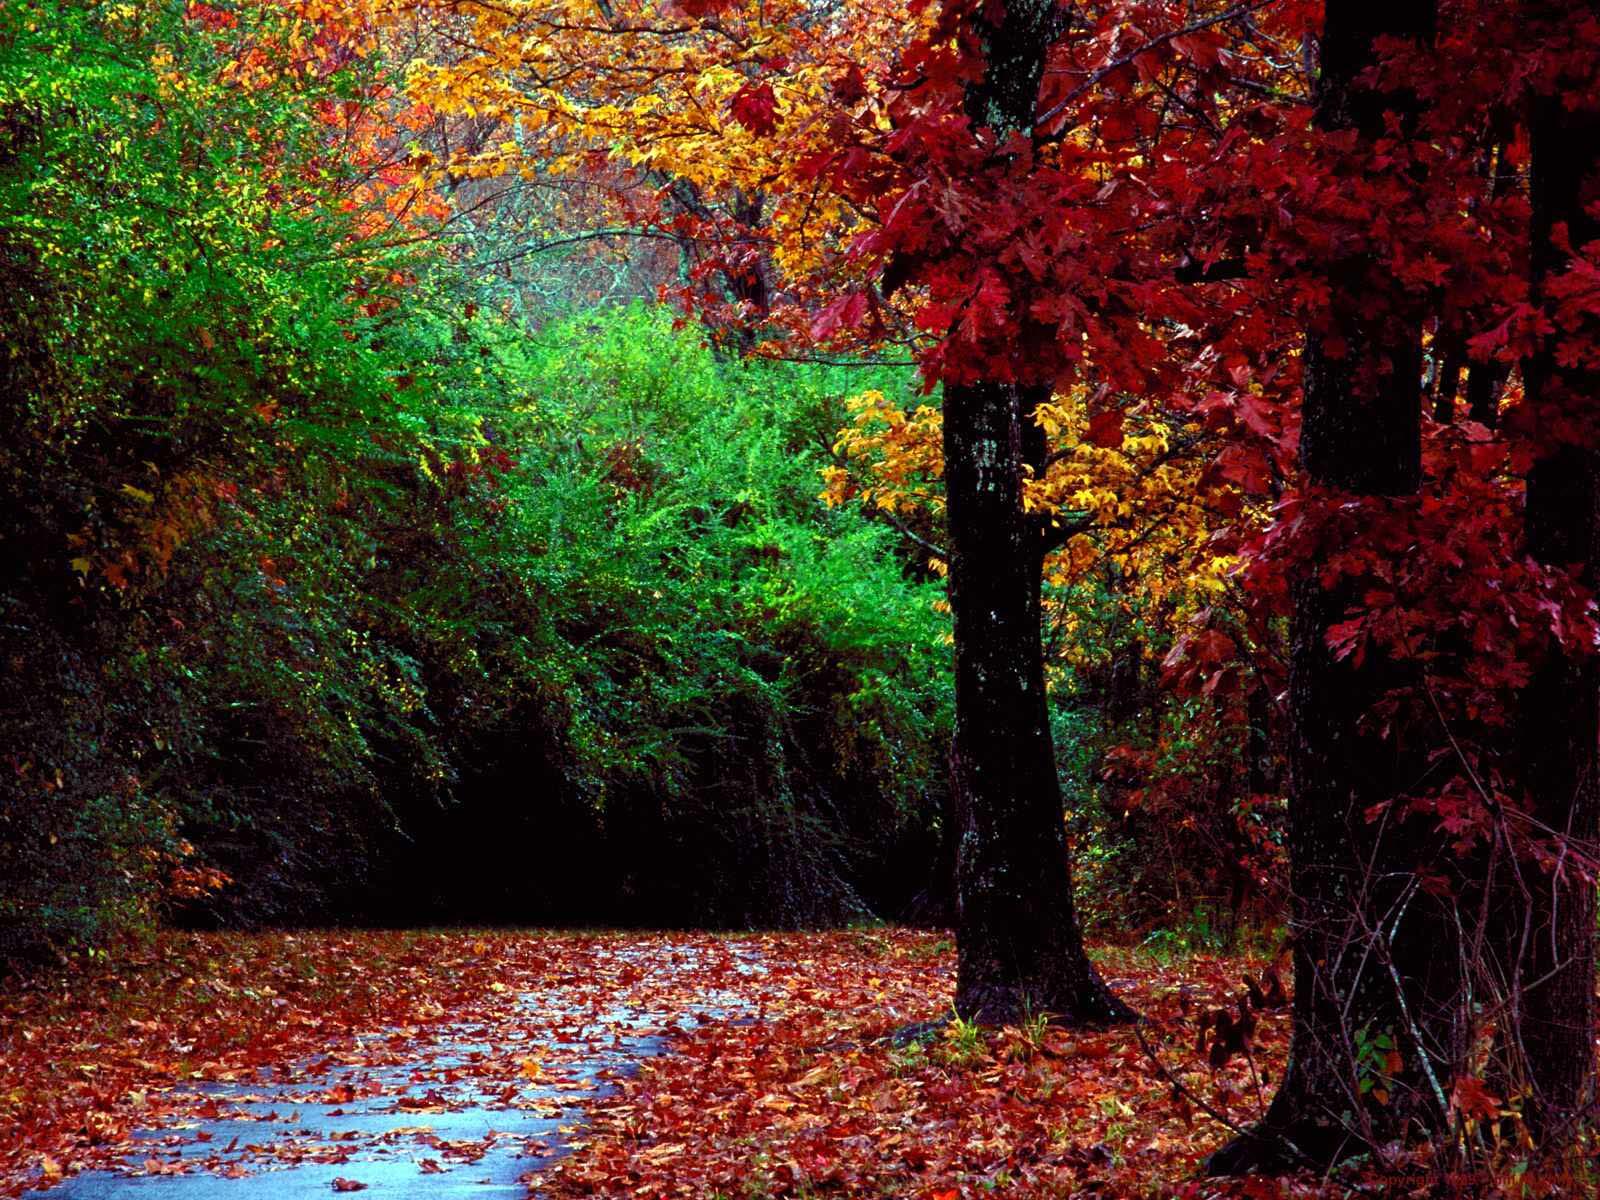 осень в лесу, скачать фото, обои для рабочего стола, лес